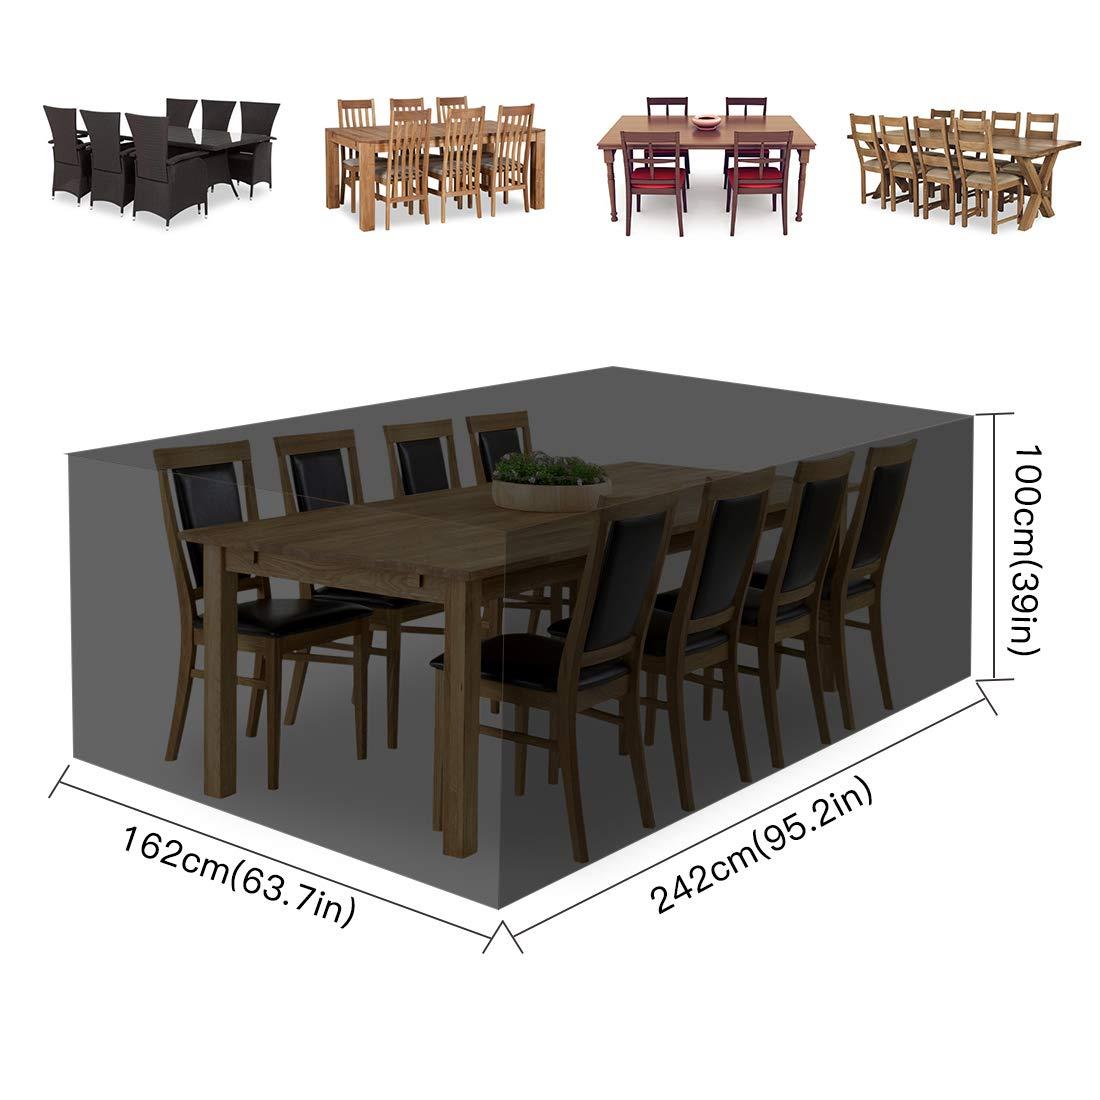 242 x 162 x 100 cm wasserdicht Fayttoli Schutzh/ülle f/ür Gartenm/öbel Gartenm/öbel f/ür Tisch und Stuhl Schwarz Abdeckplane aus Oxford-Gewebe 420D